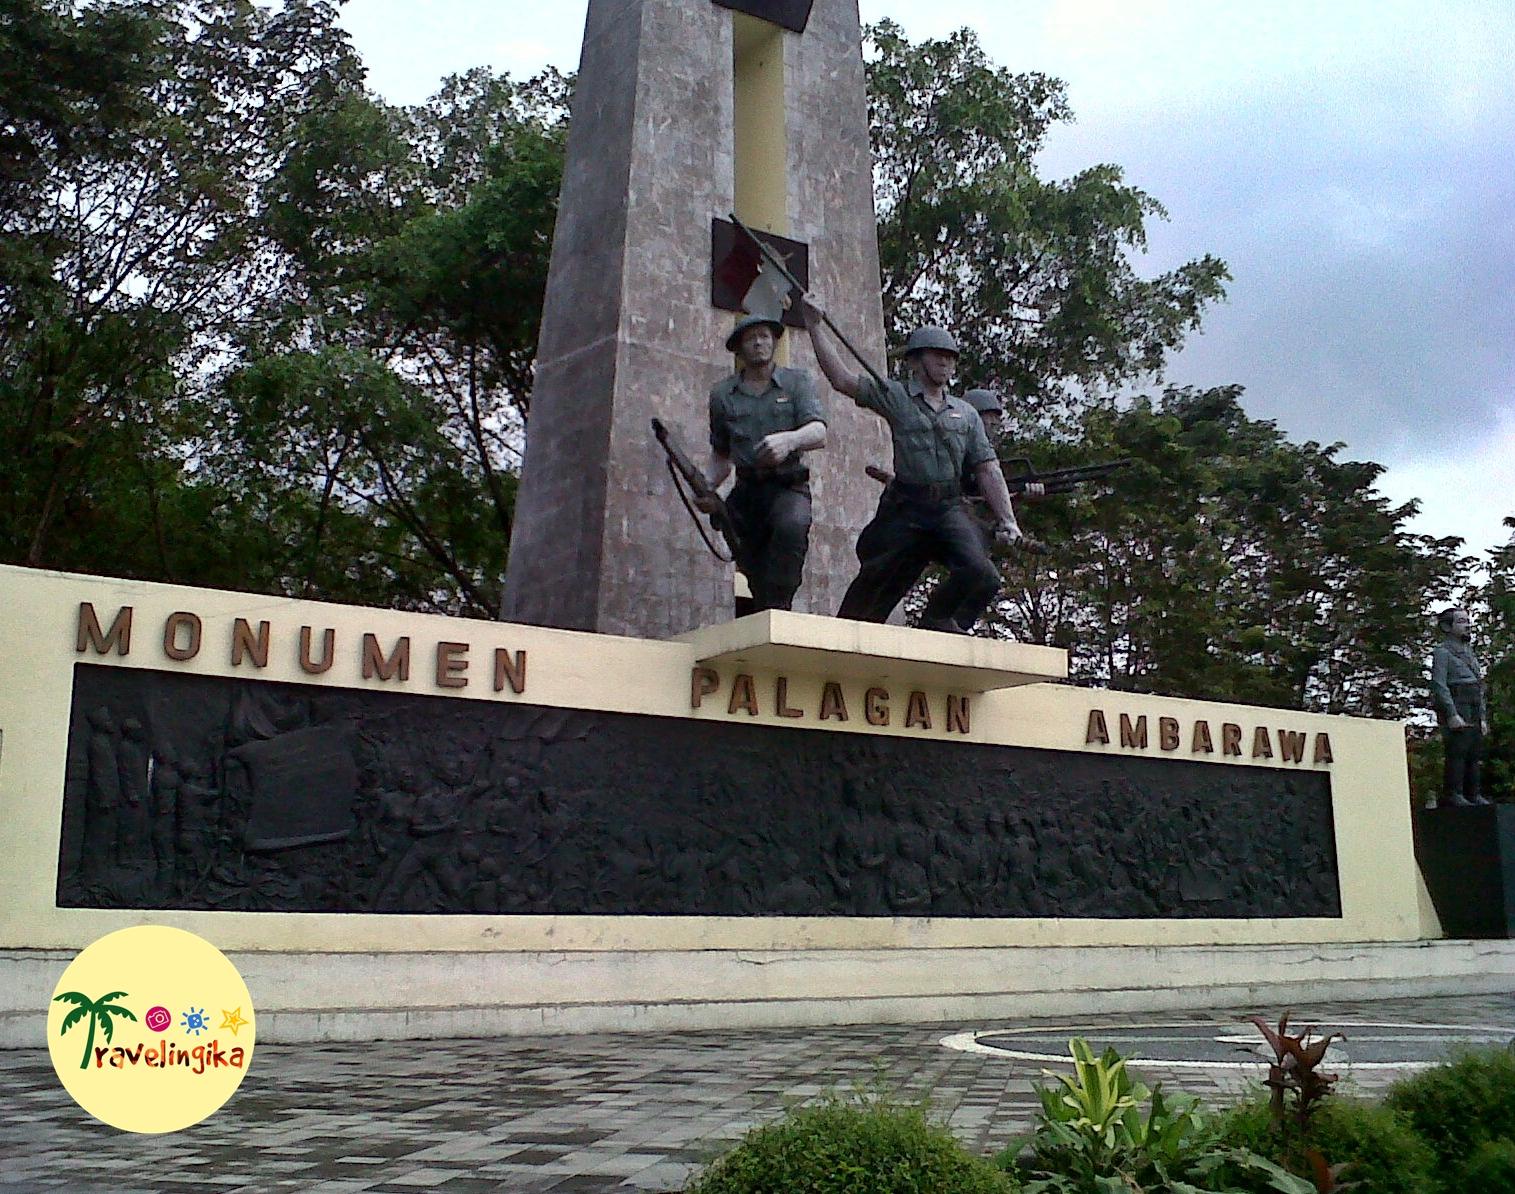 Monumen Palagan Ambarawa Flashback Ke Masa Perang Catatan Traveling Ika Miranti